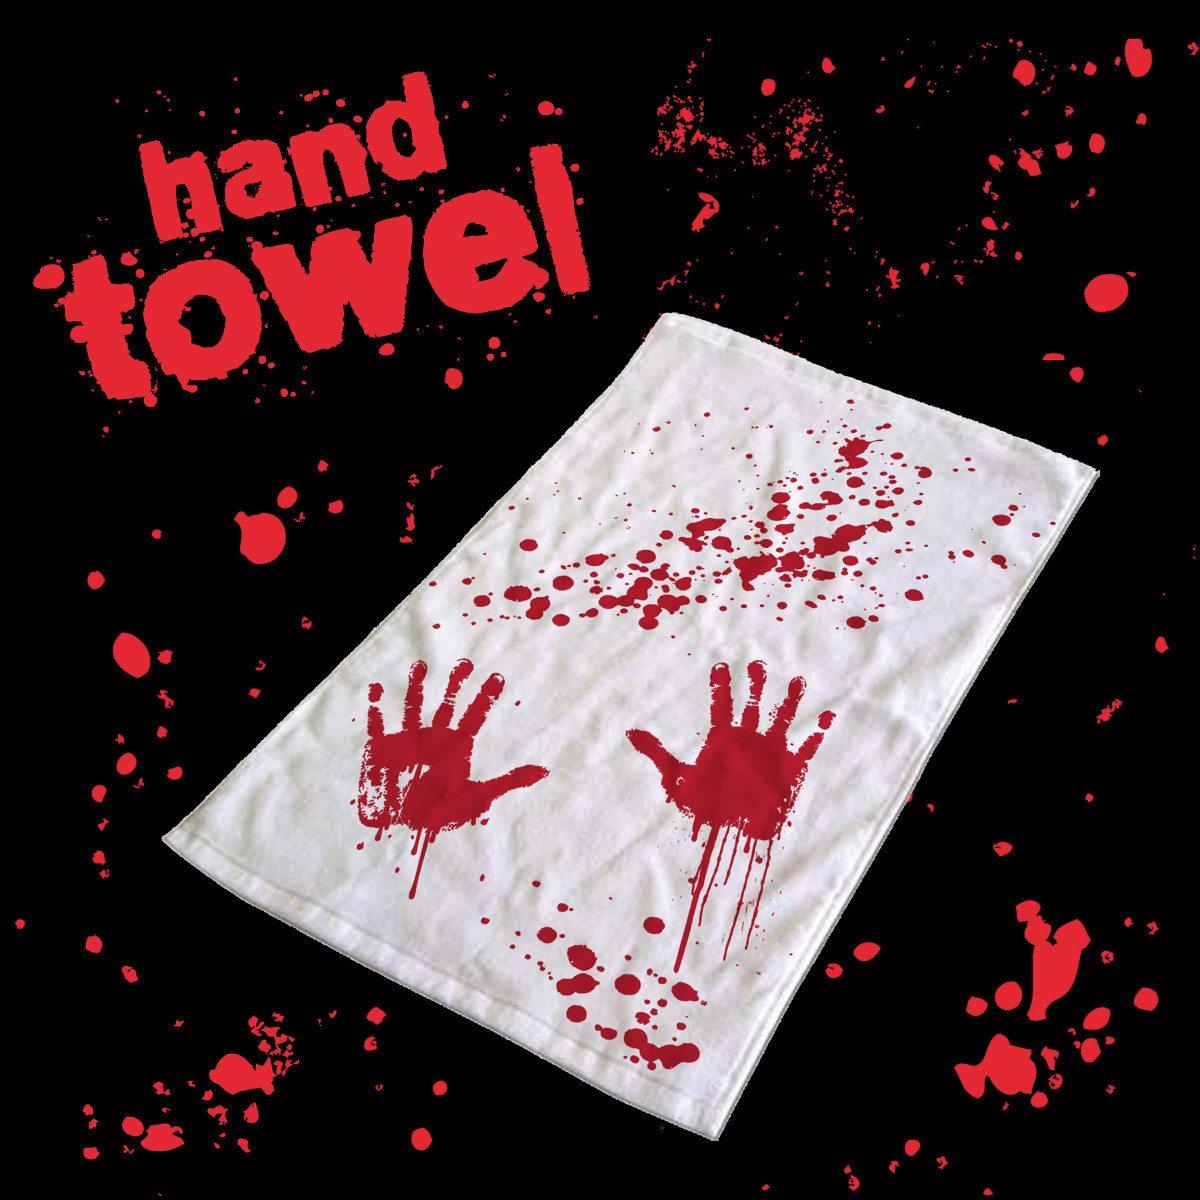 Håndklæde med blodige håndaftryk